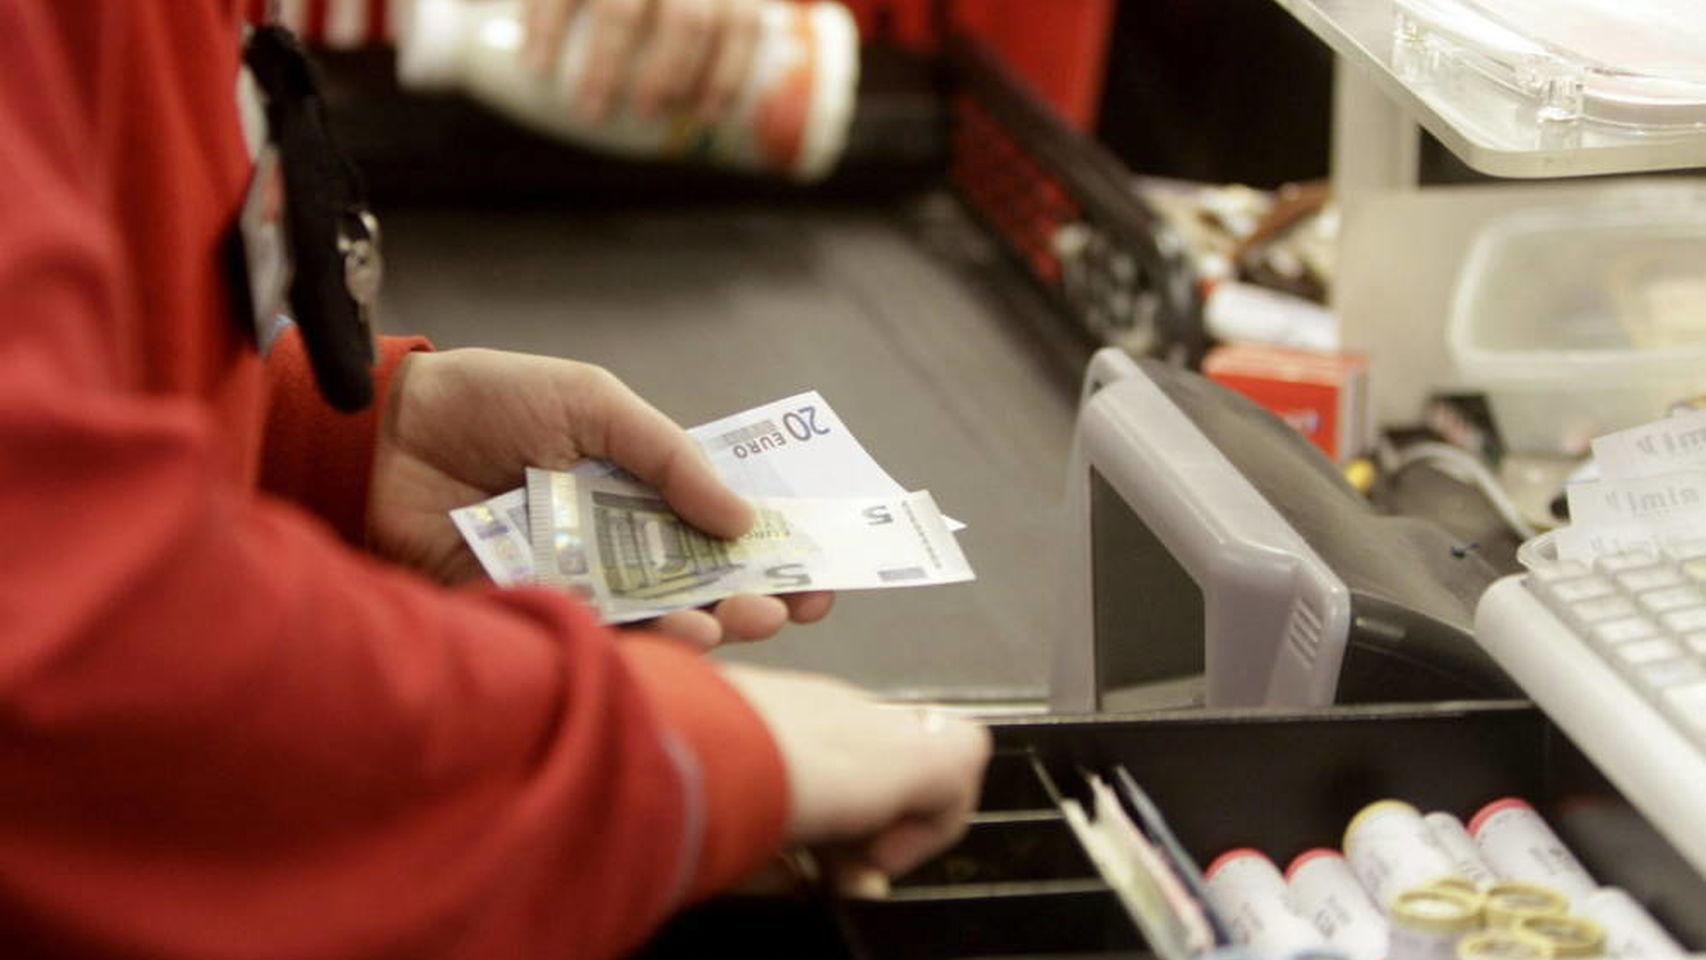 Caja registradora en un comercio. / EE